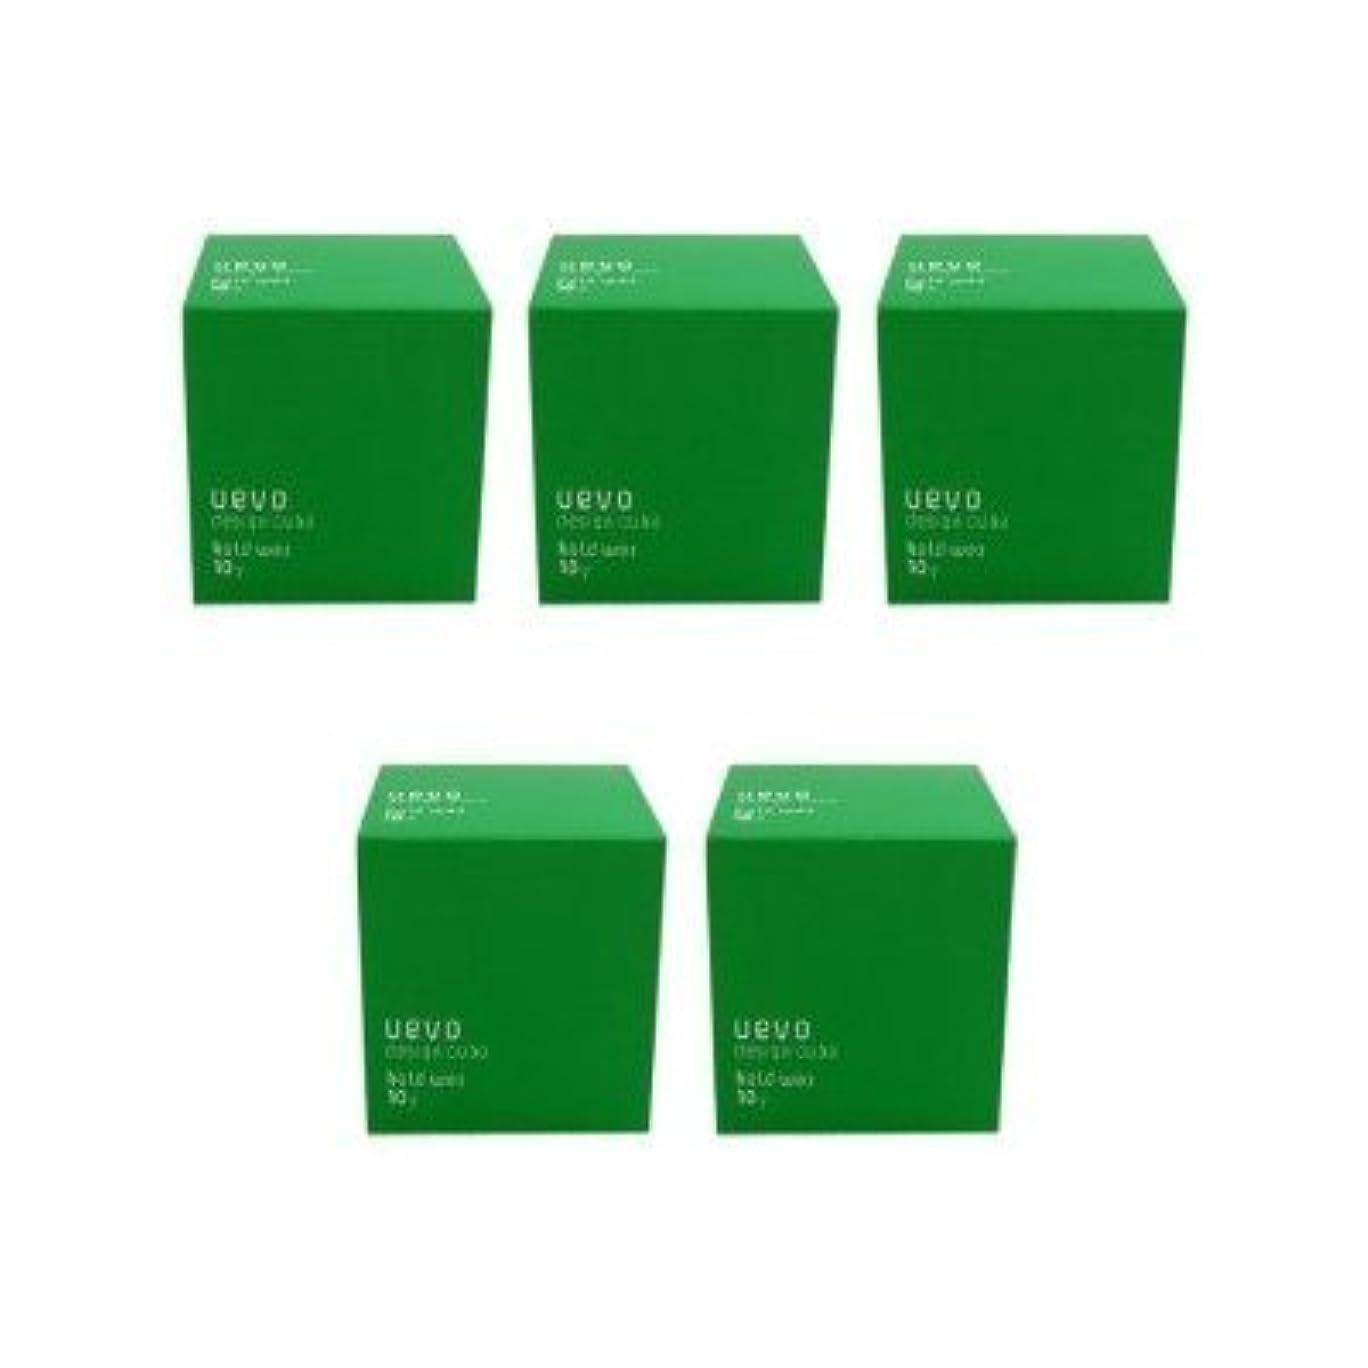 寛容かどうか下に向けます【X5個セット】 デミ ウェーボ デザインキューブ ホールドワックス 80g hold wax DEMI uevo design cube